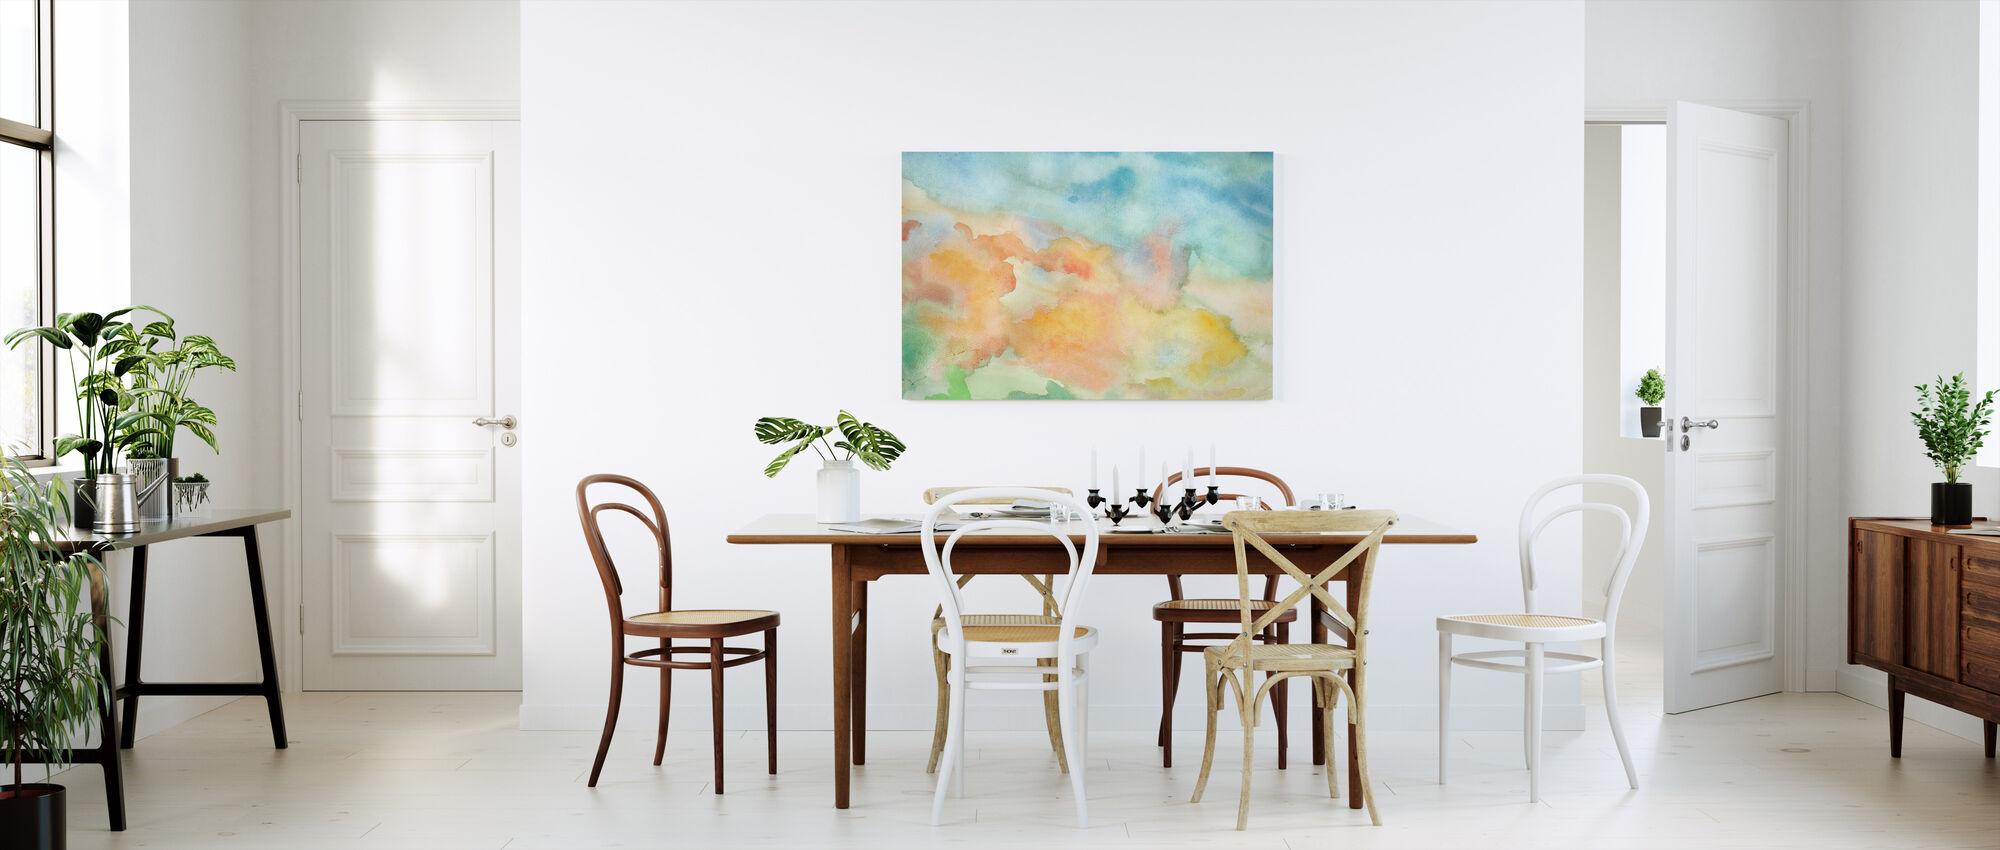 Abstracte Aquarel Sky - Canvas print - Keuken